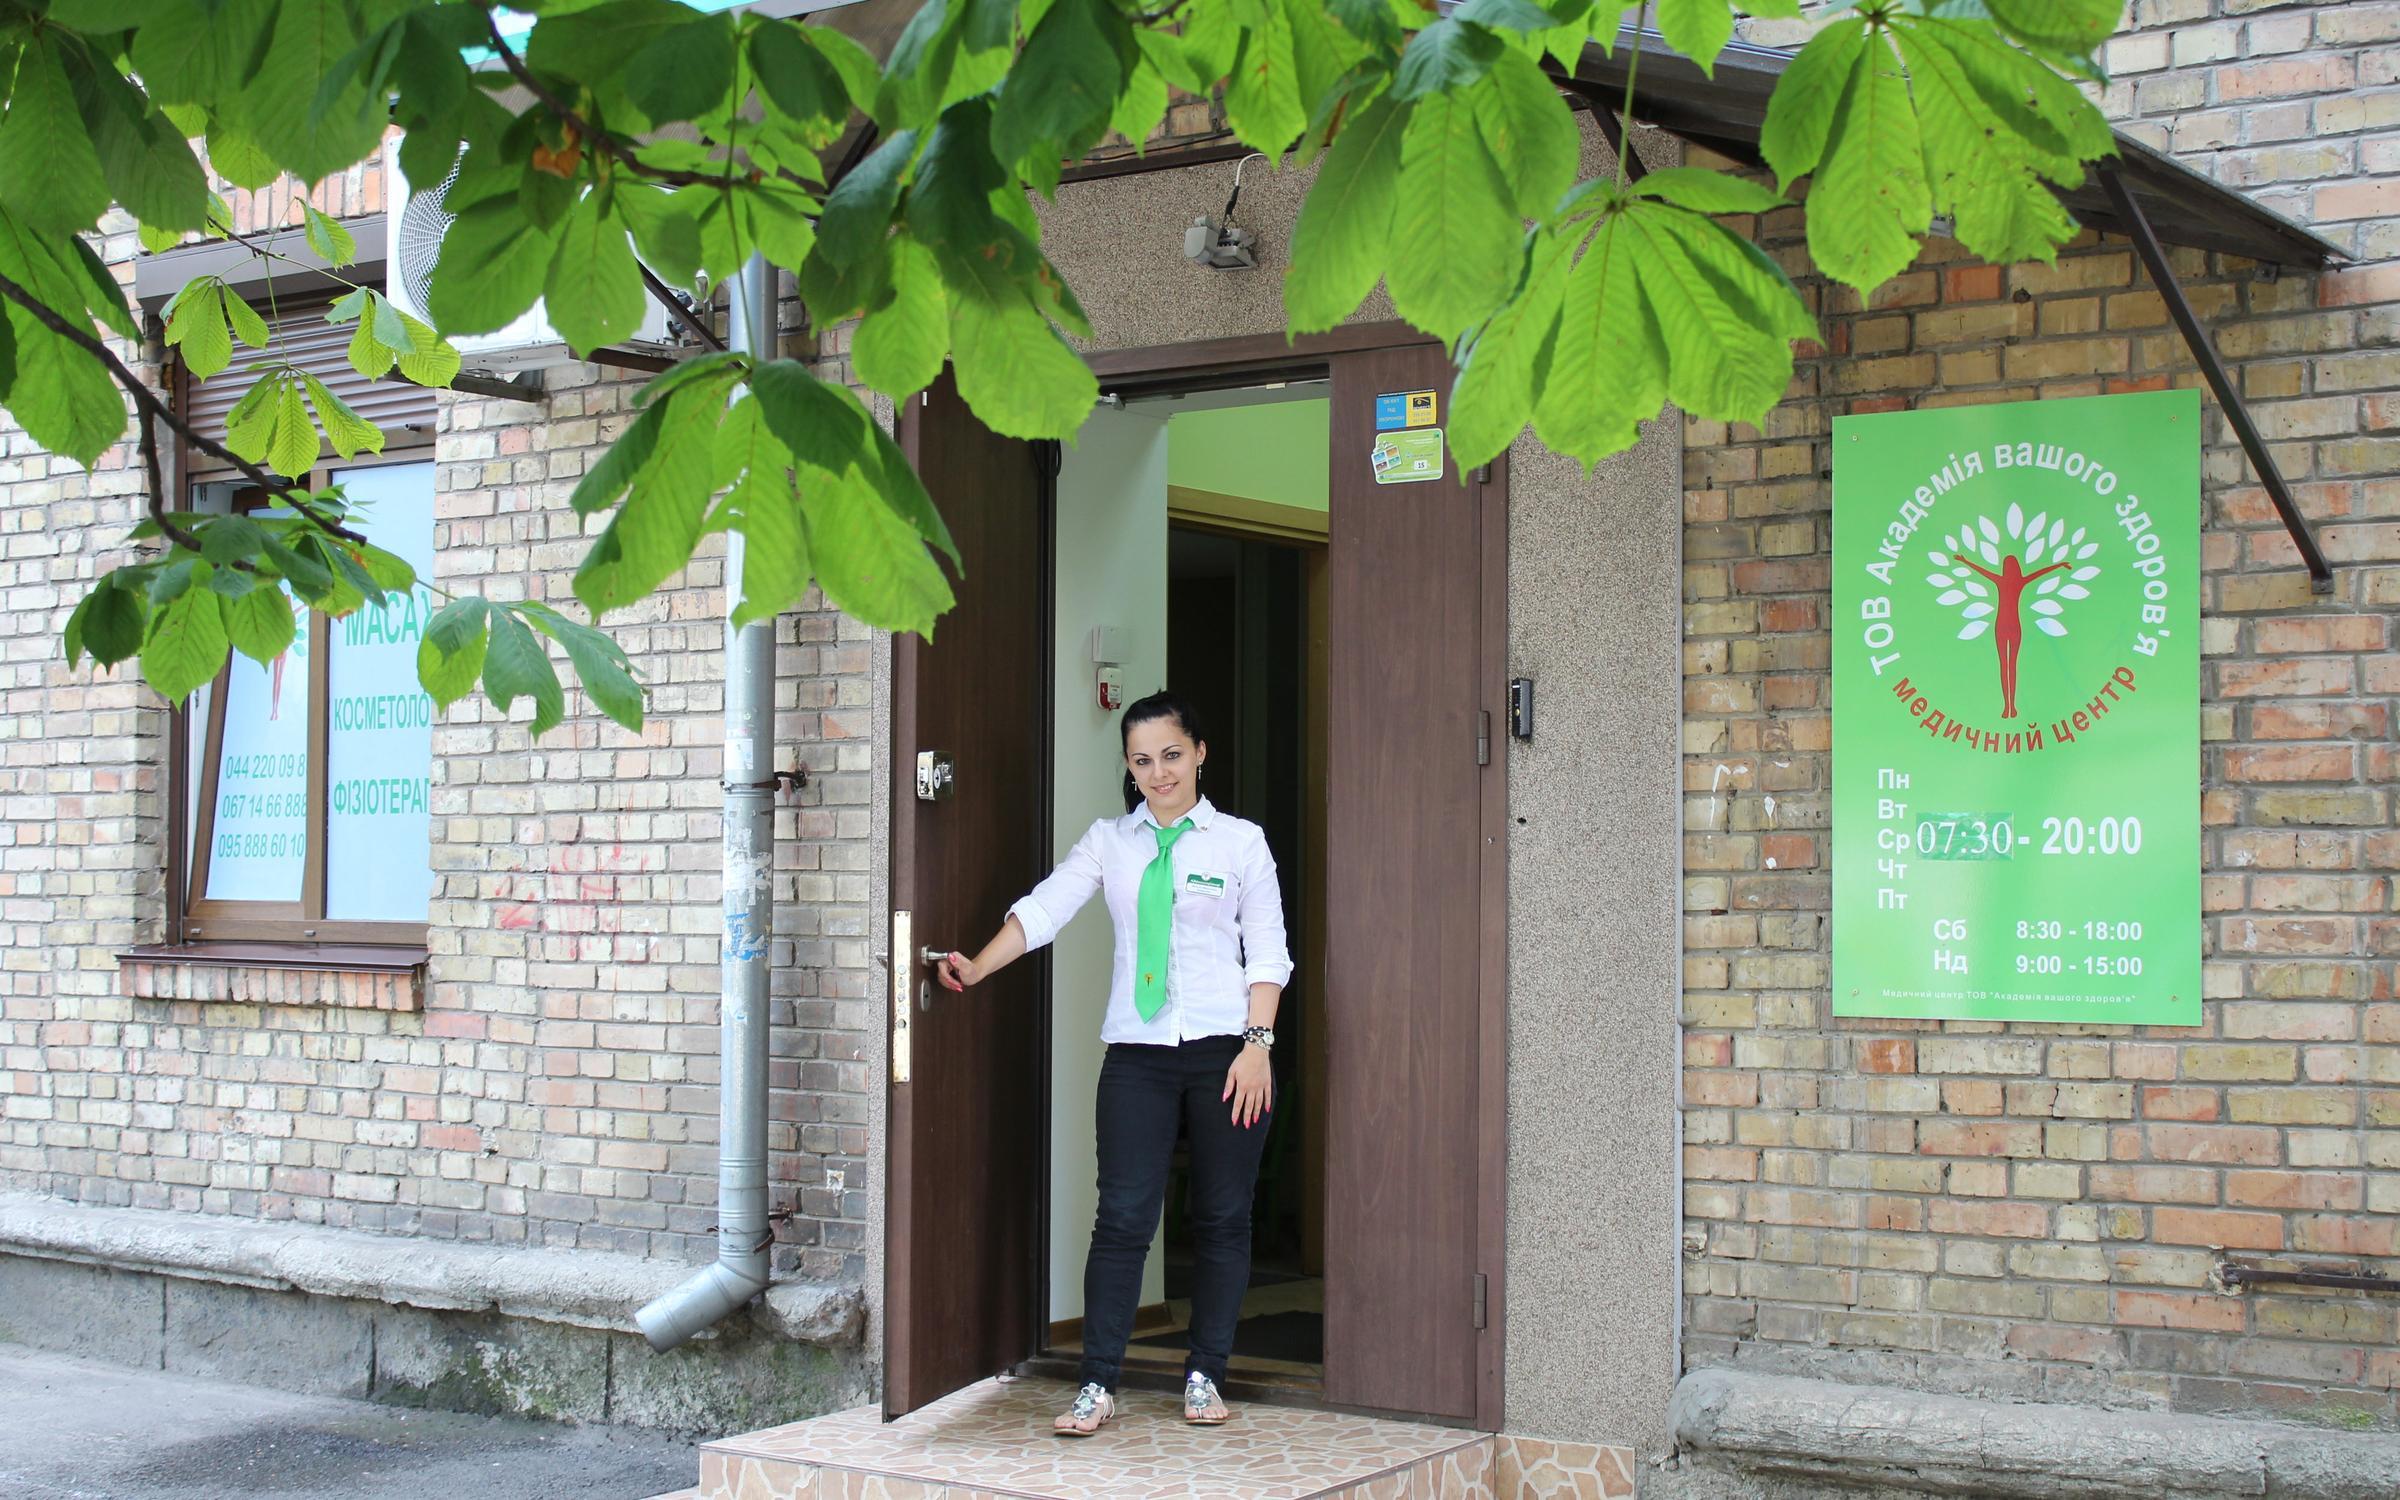 фотография Медицинского центра Академия Вашего Здоровья на улице Бажова